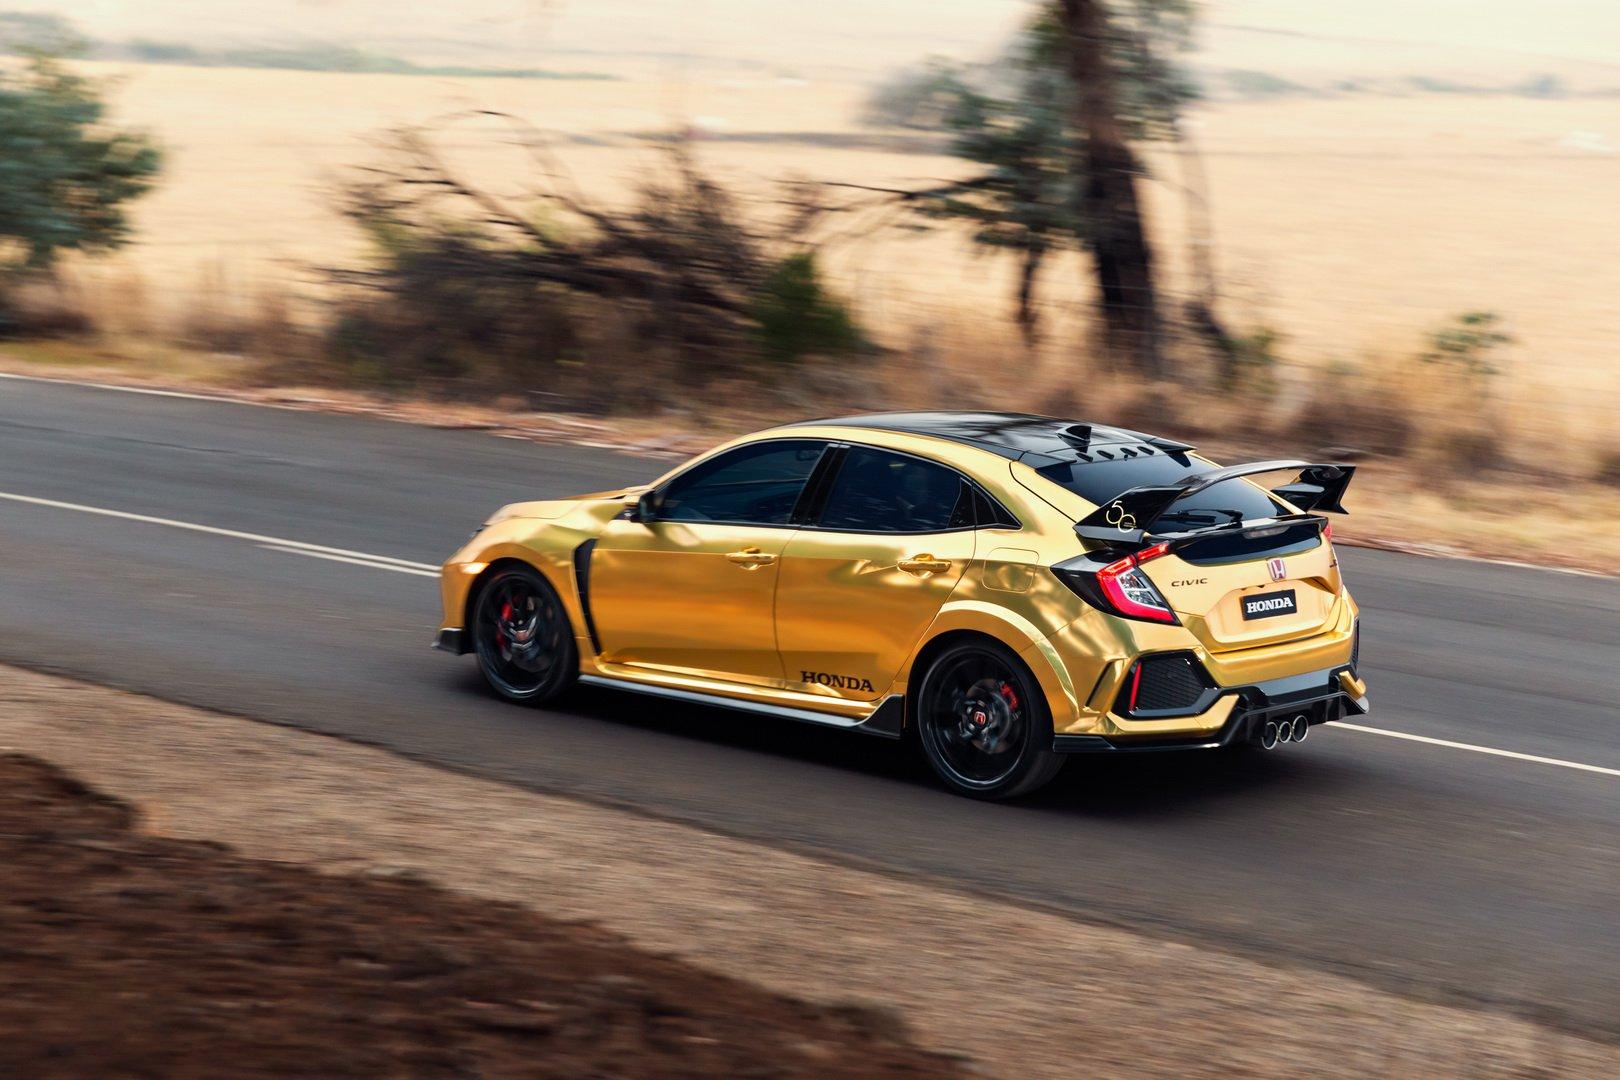 Honda_Australia_50_Years_NSX_Civic_Type_R_0014